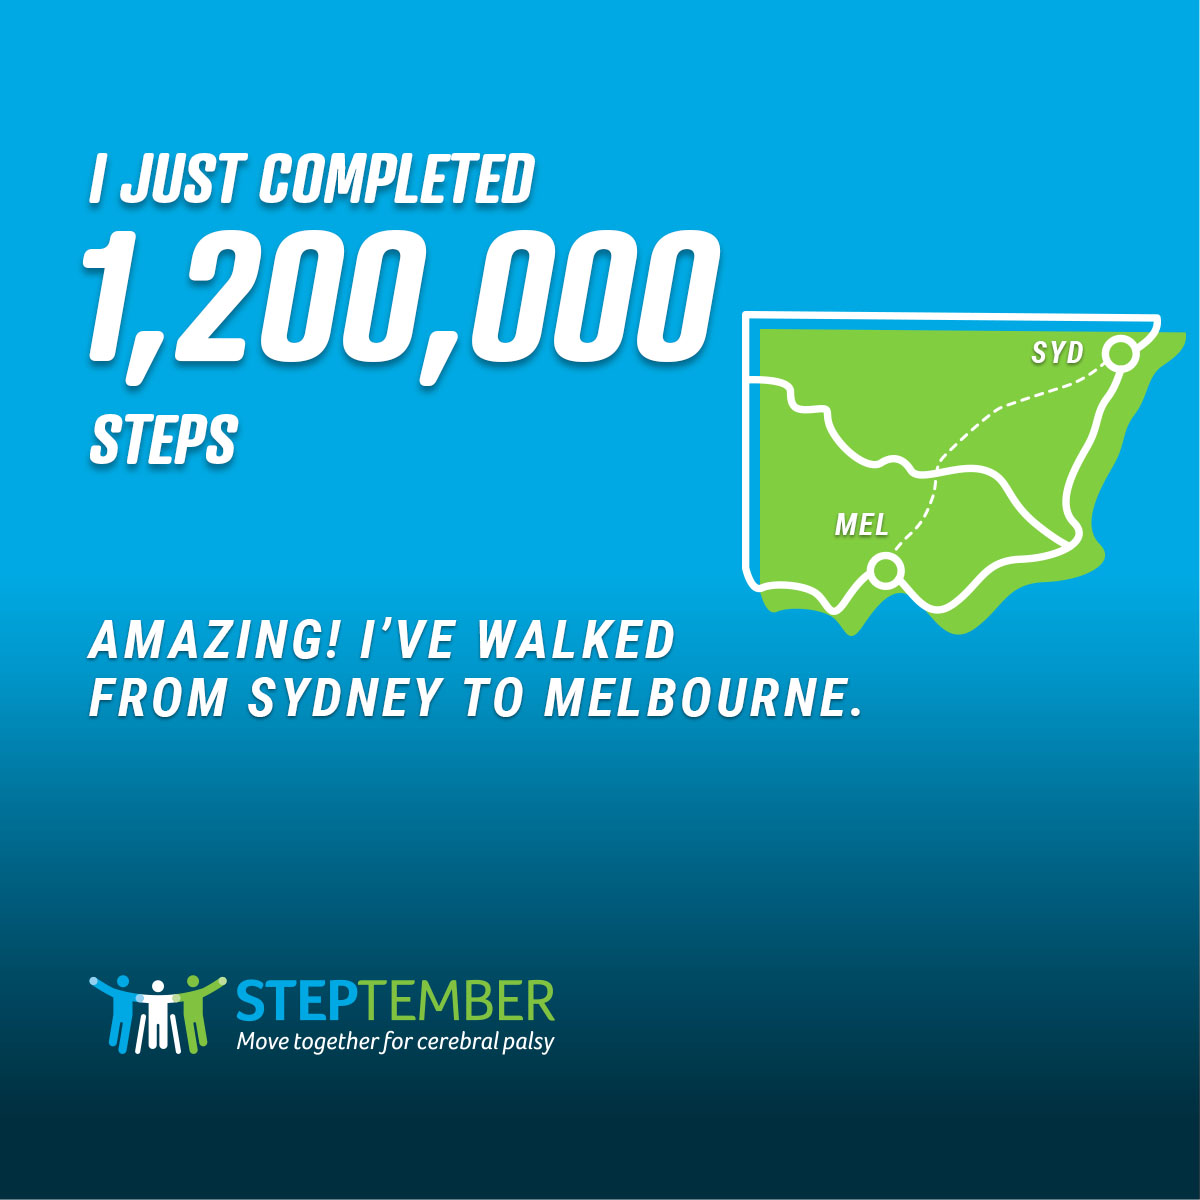 Social Post - 1,200,000 Steps